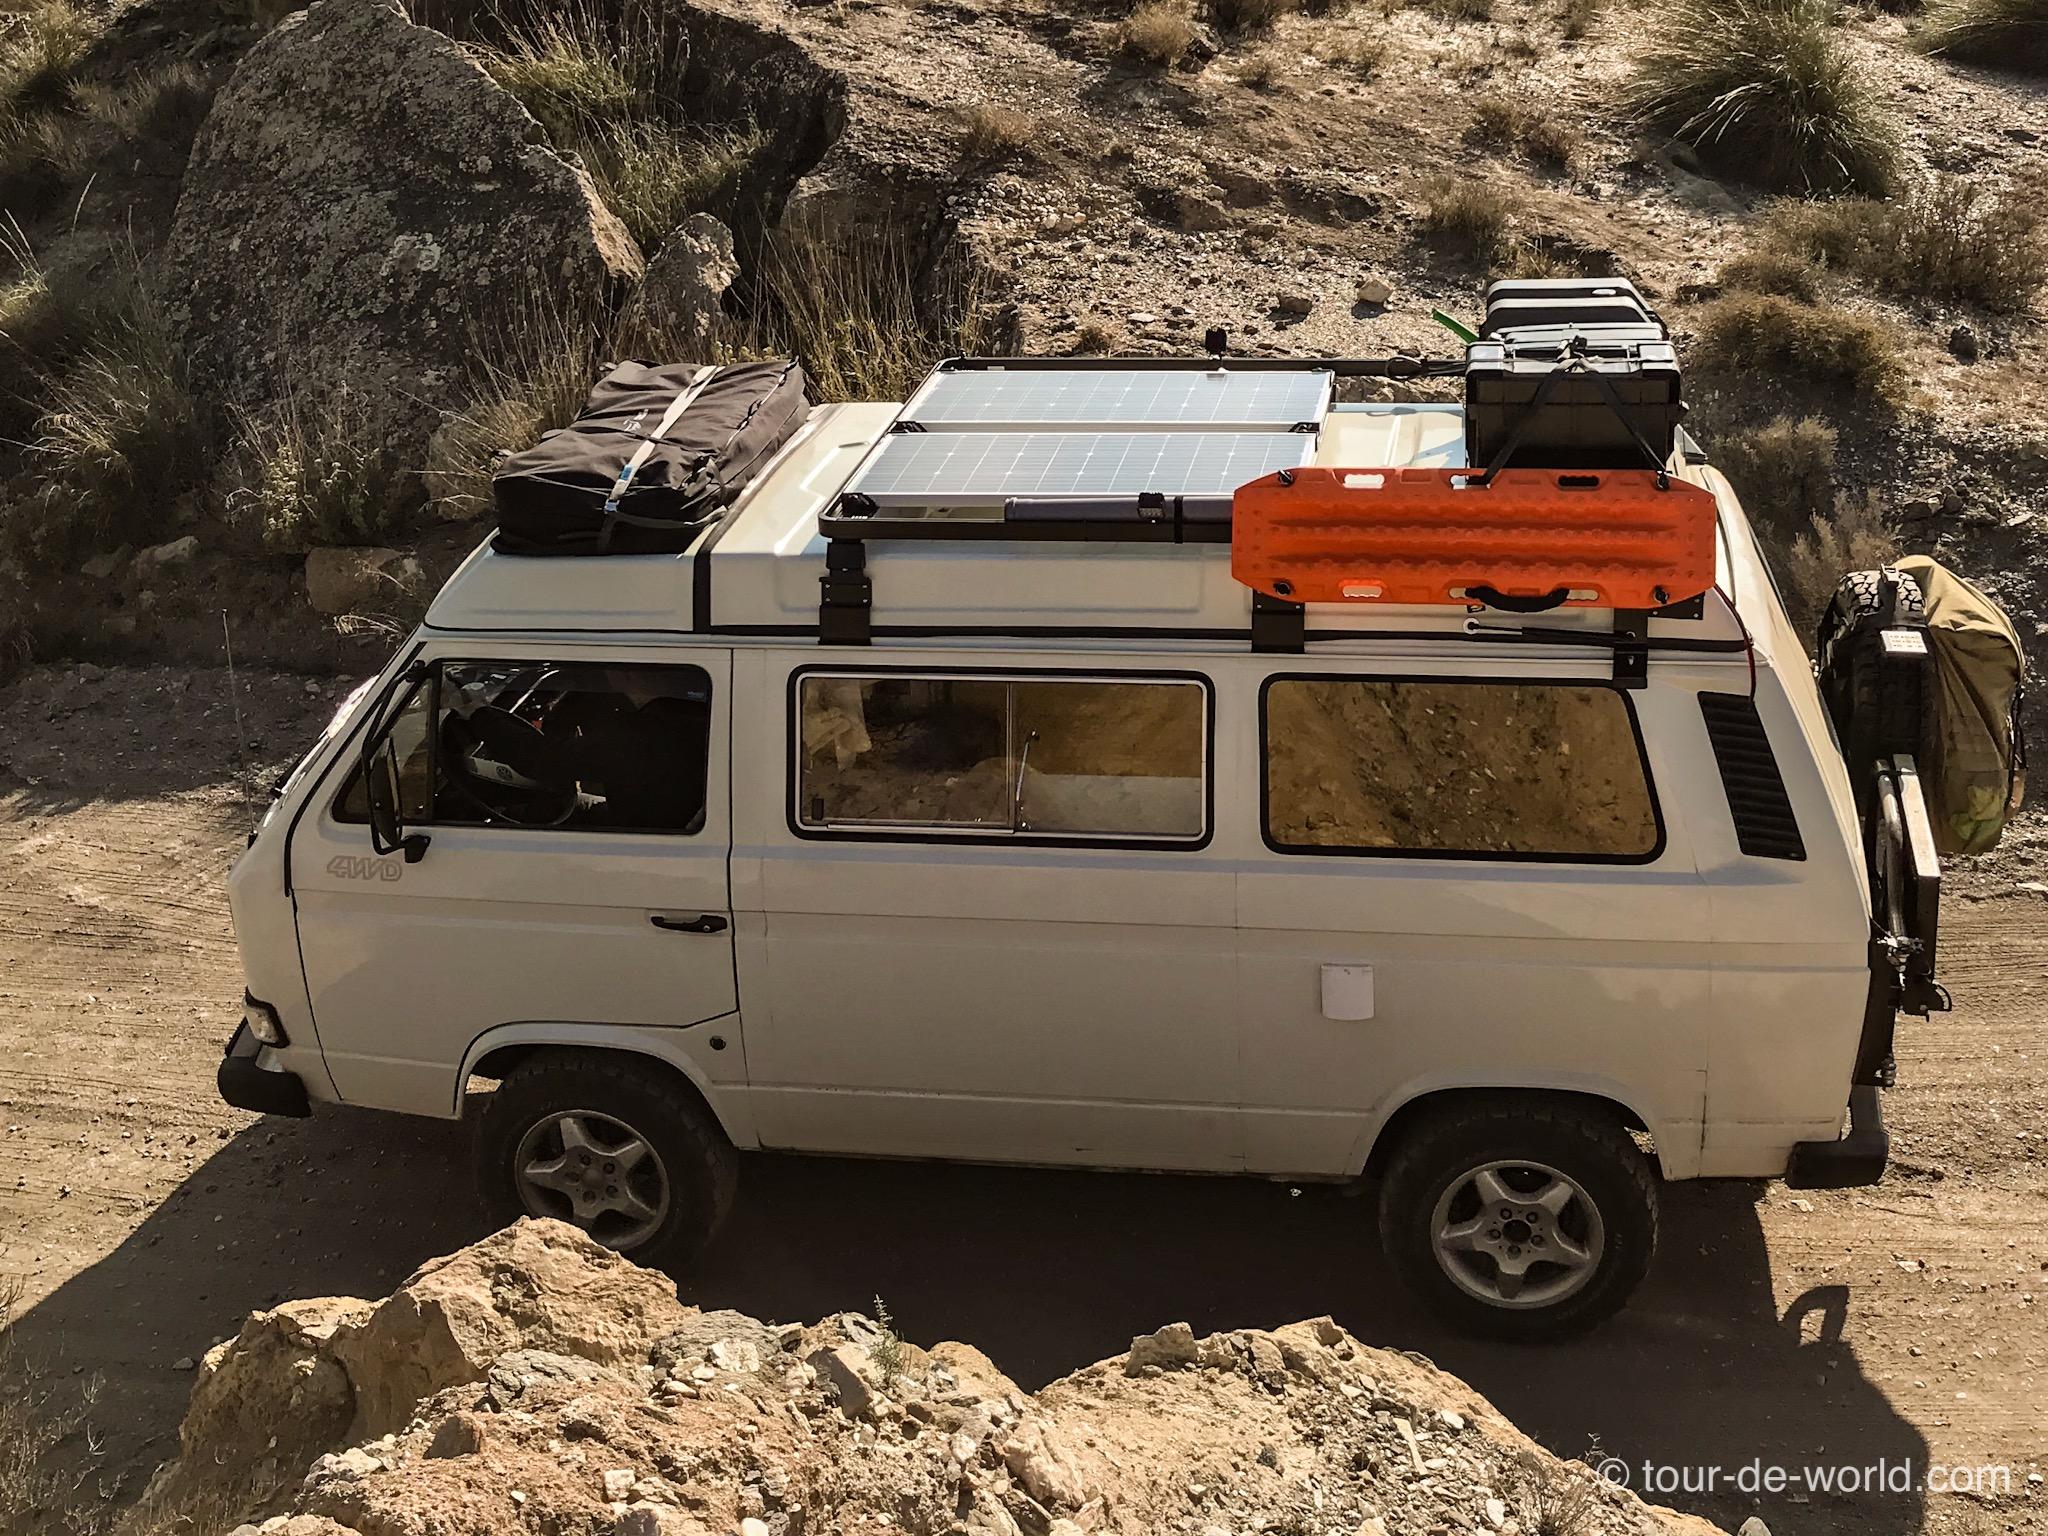 Eine autarke Austattung bei einem VW Bus Expeditionsmobil ist wichtig auf einer Weltreise. Wassertanks und Sandbleche, sowie Solar sind zwingend.